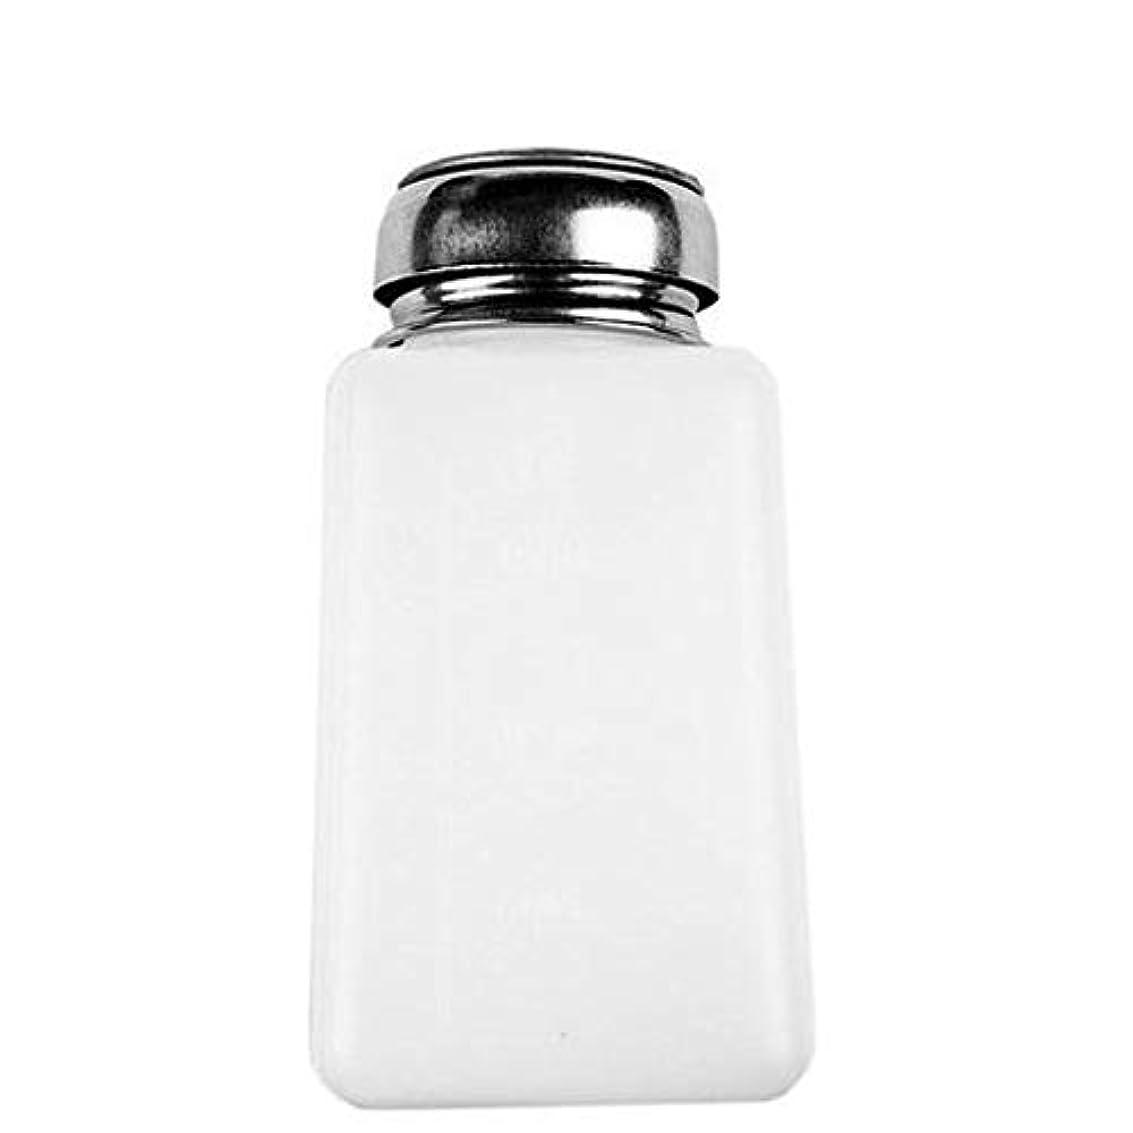 シングル偽装する蒸ネイル用液体金属タッチ流体ディスペンサによってネイルポリッシュリムーバー1PC 200MLプッシュダウンディスペンサーポンプ圧送ボトルアルコール飲料